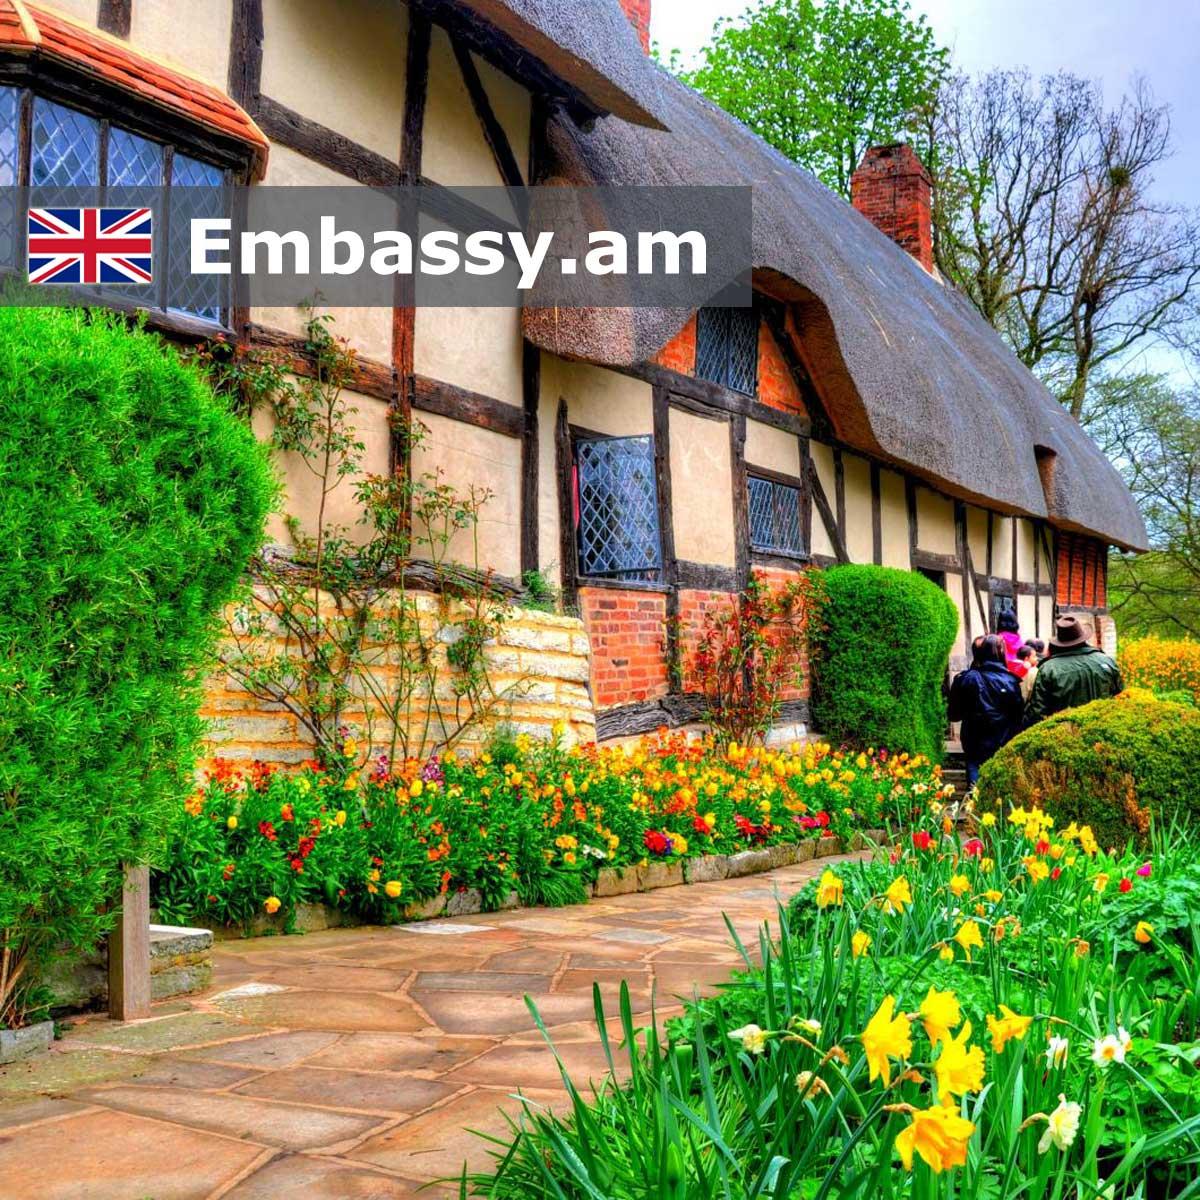 Stratford-upon-Avon- Hotels in United Kingdom - Embassy.am